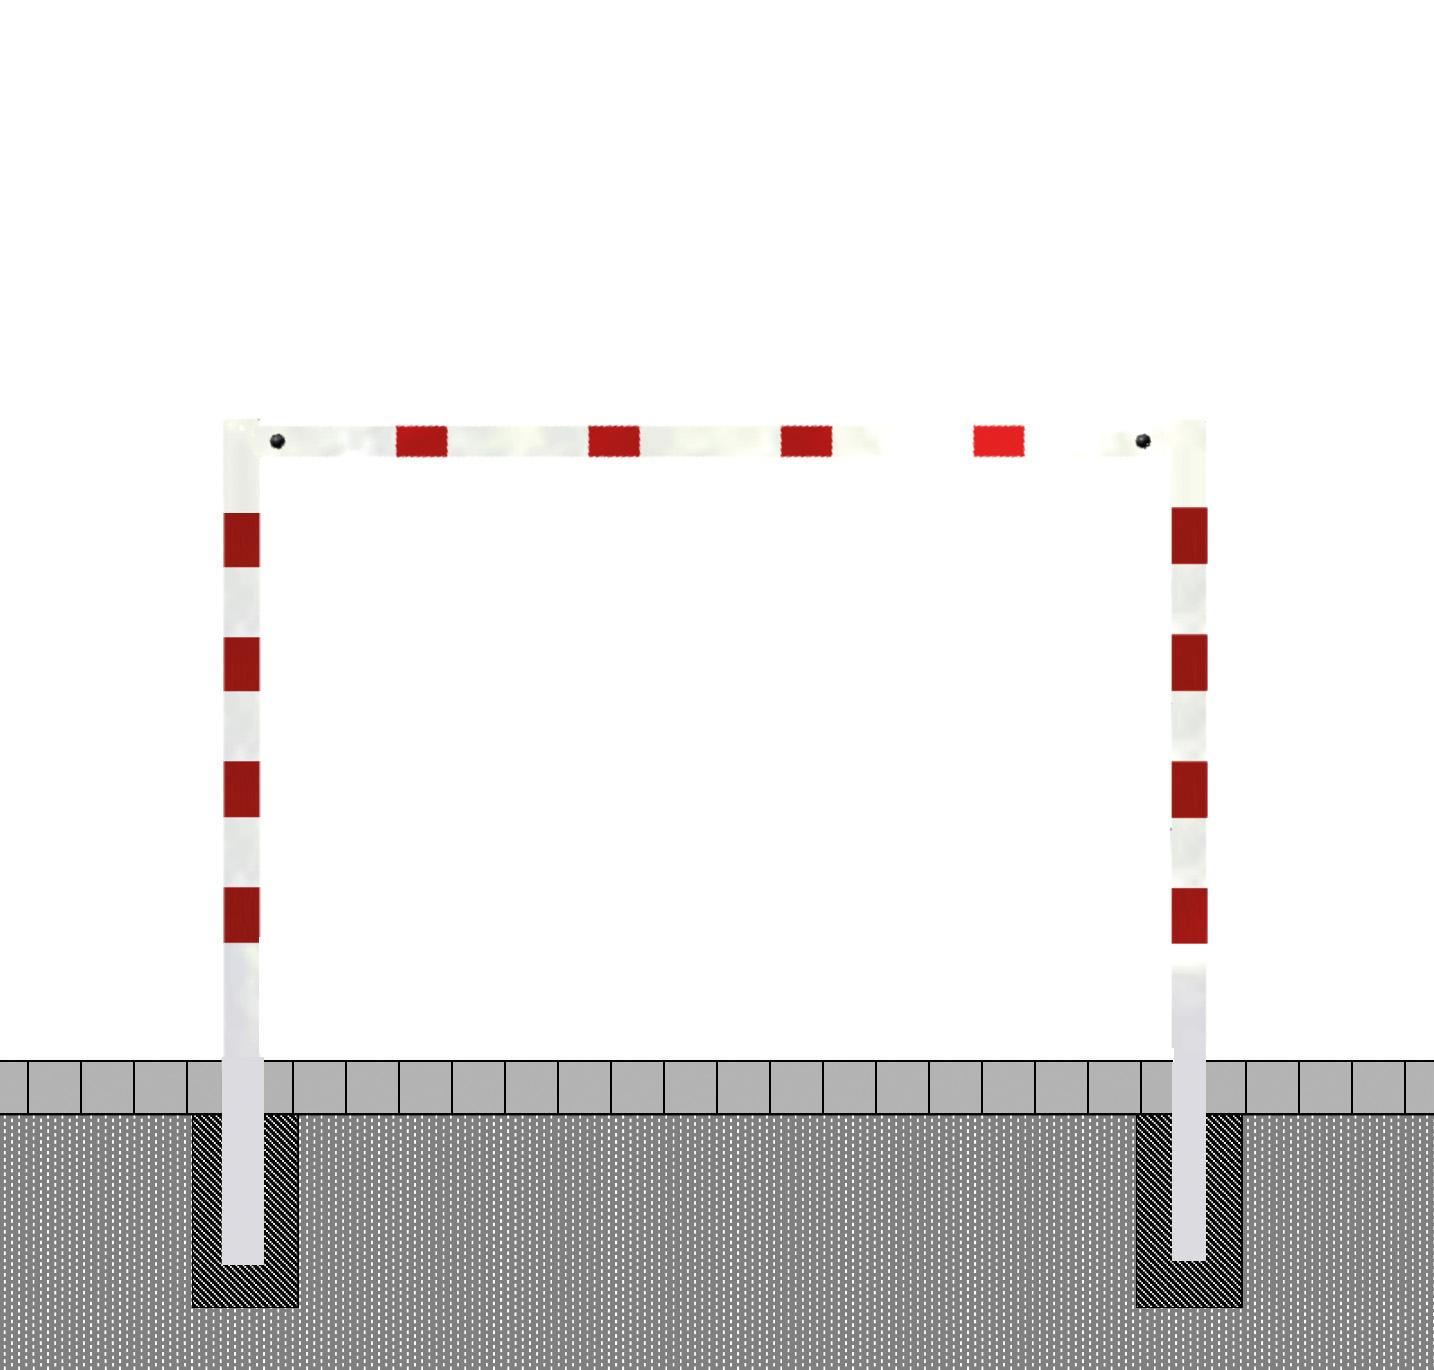 Höhenbegrenzer 70 x 70 mm |  Höhe: 2.000 mm  Breite: 3.000 mm